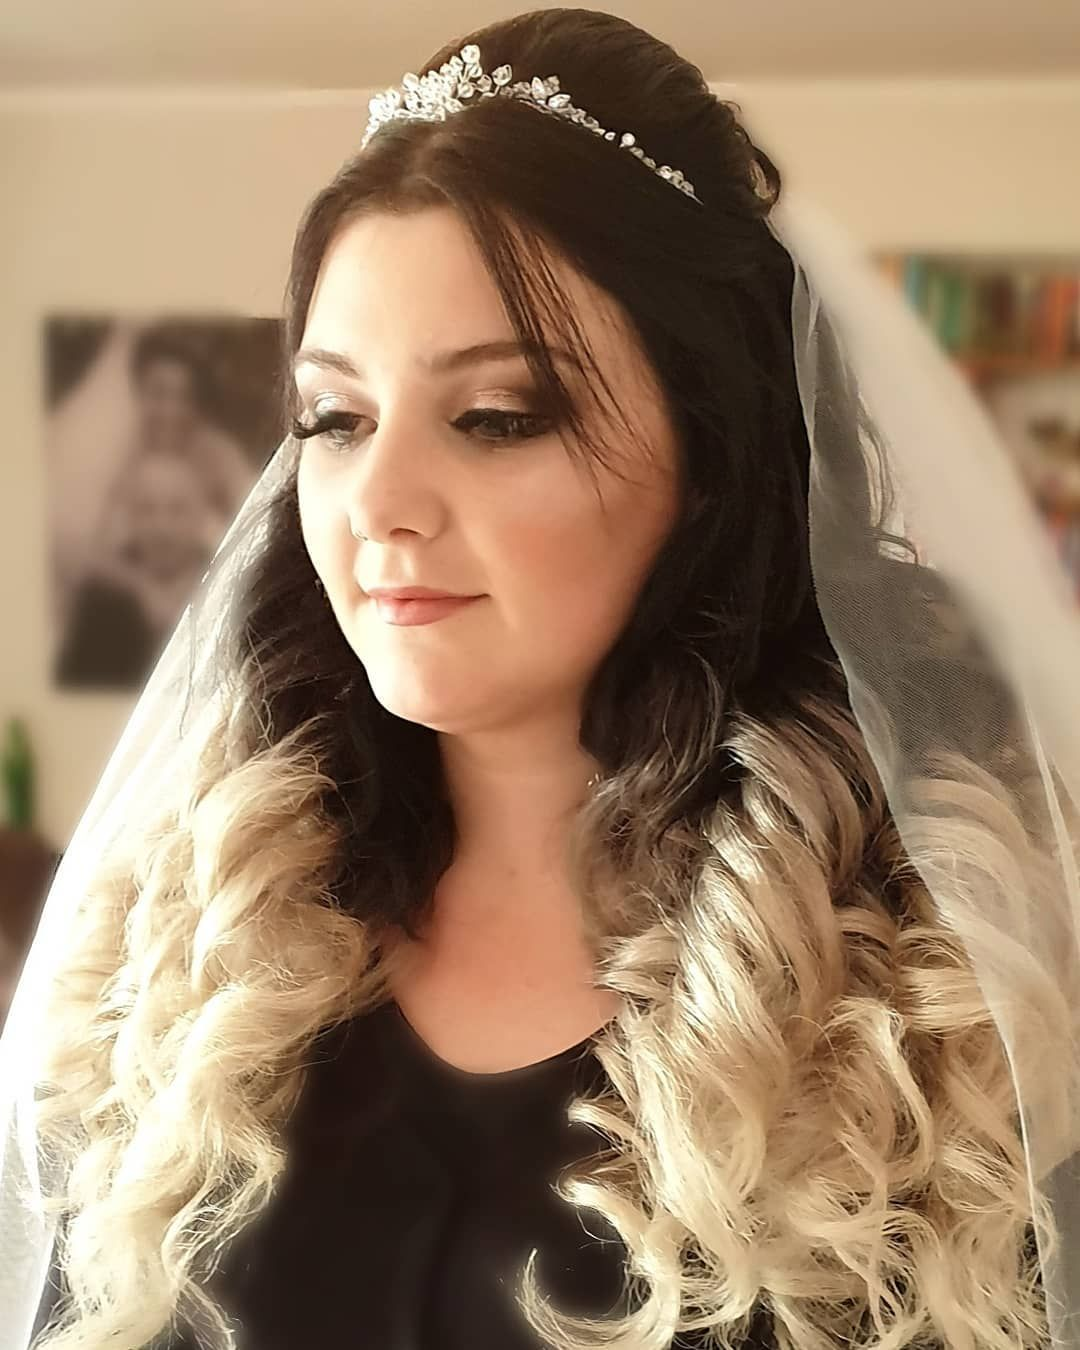 Ich Wunsche Euch Allen Einen Schonen Tag Brautfrisur2019 Locken Lockenfrisur Luftigelocken Elenakasazki Braut Hochzeit Fashion Pearl Earrings Earrings